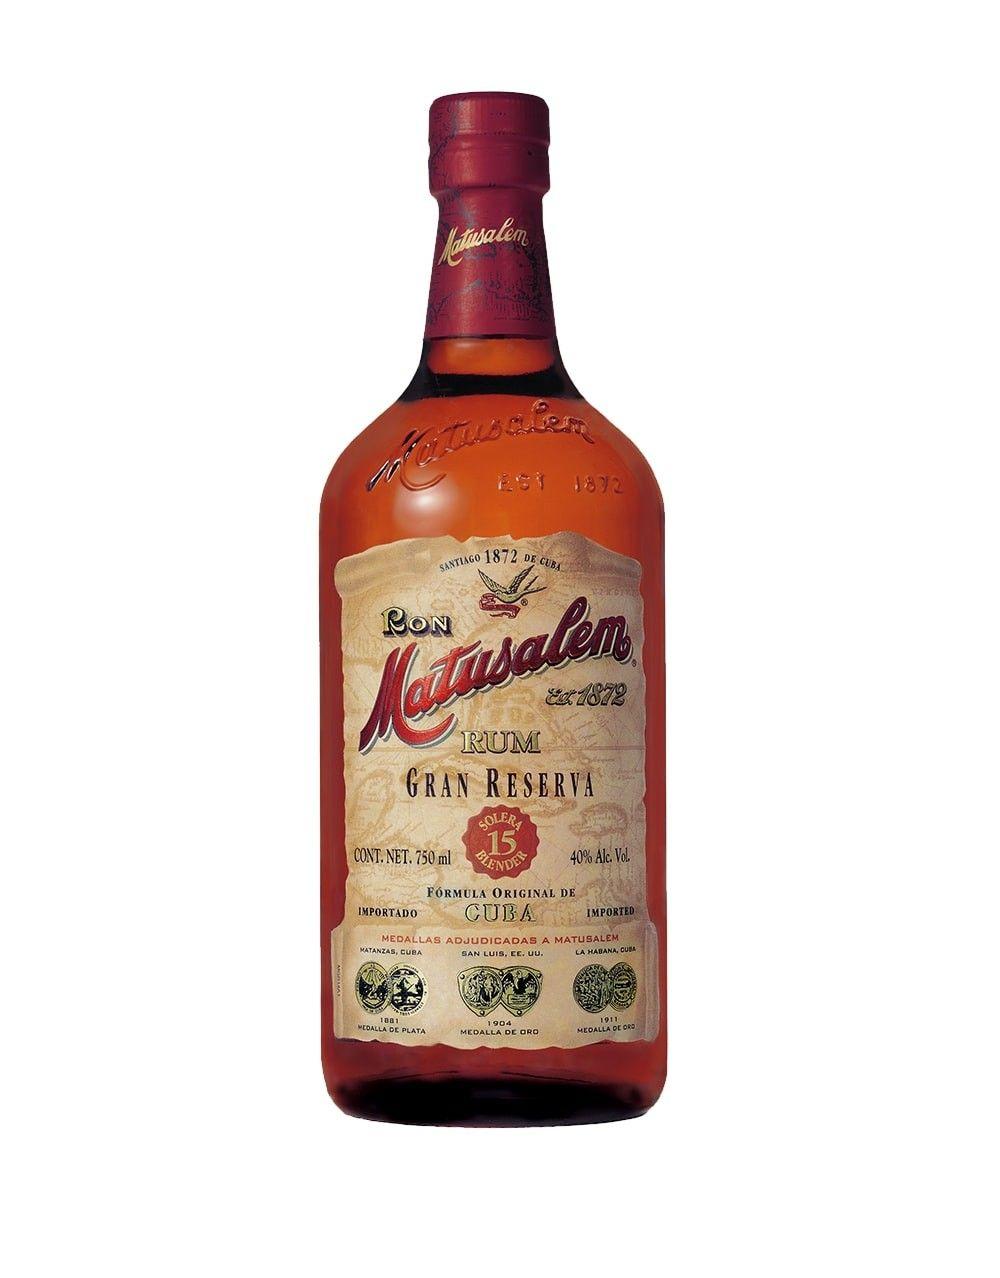 Matusalem 174 Gran Reserva 15 Rum Buy Online Or Send As A